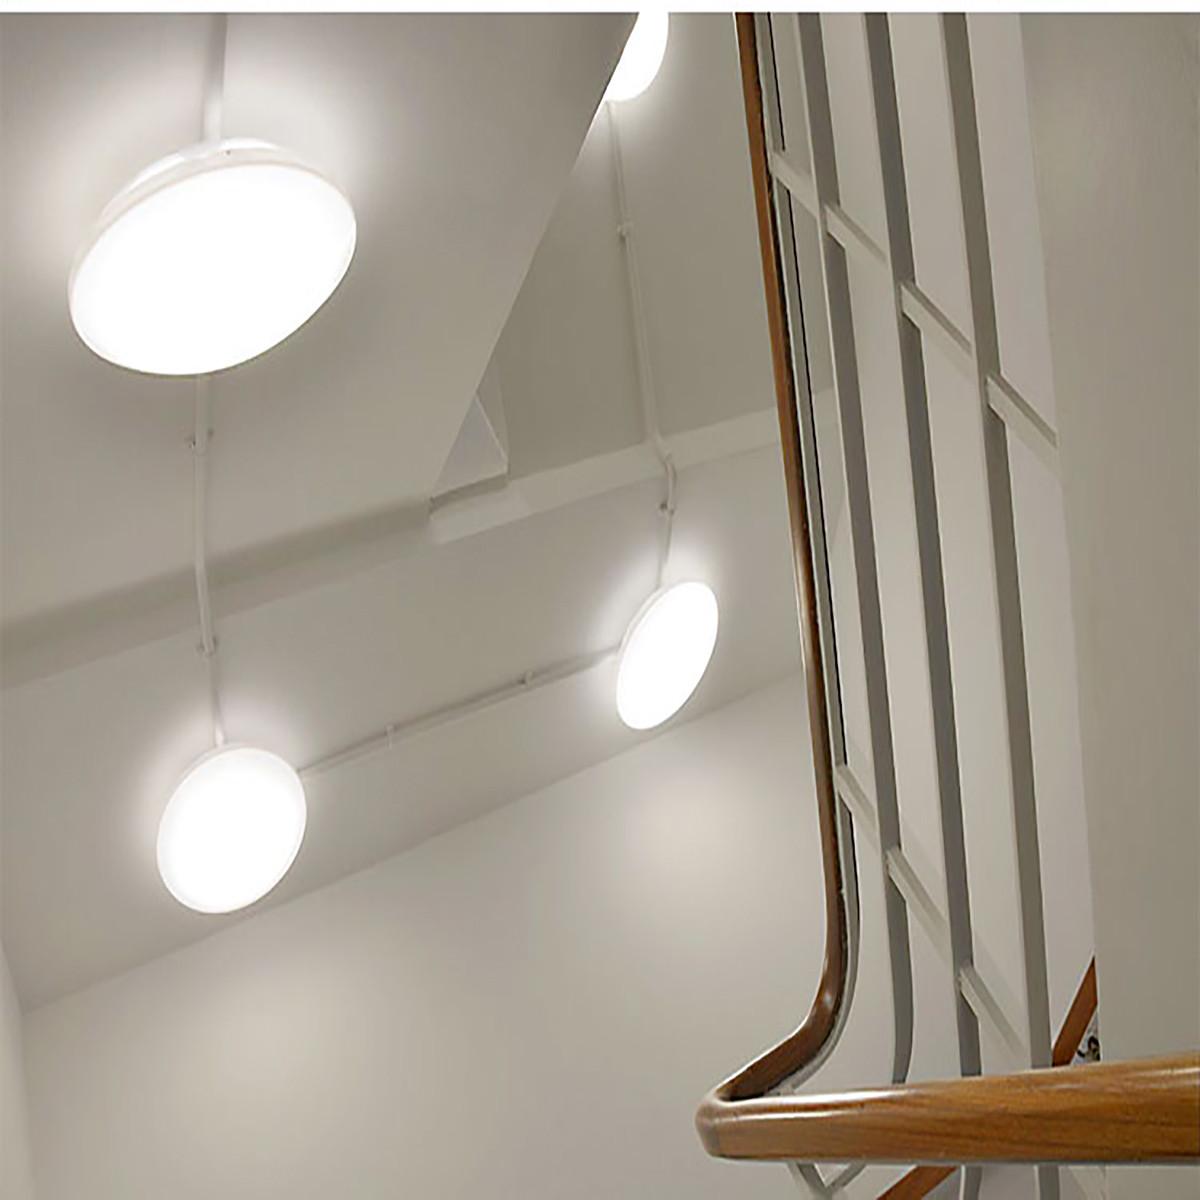 Led Light Fixture For Utility Room: 24W 14.96 Inch Modern LED Flush Mount Ceiling Light